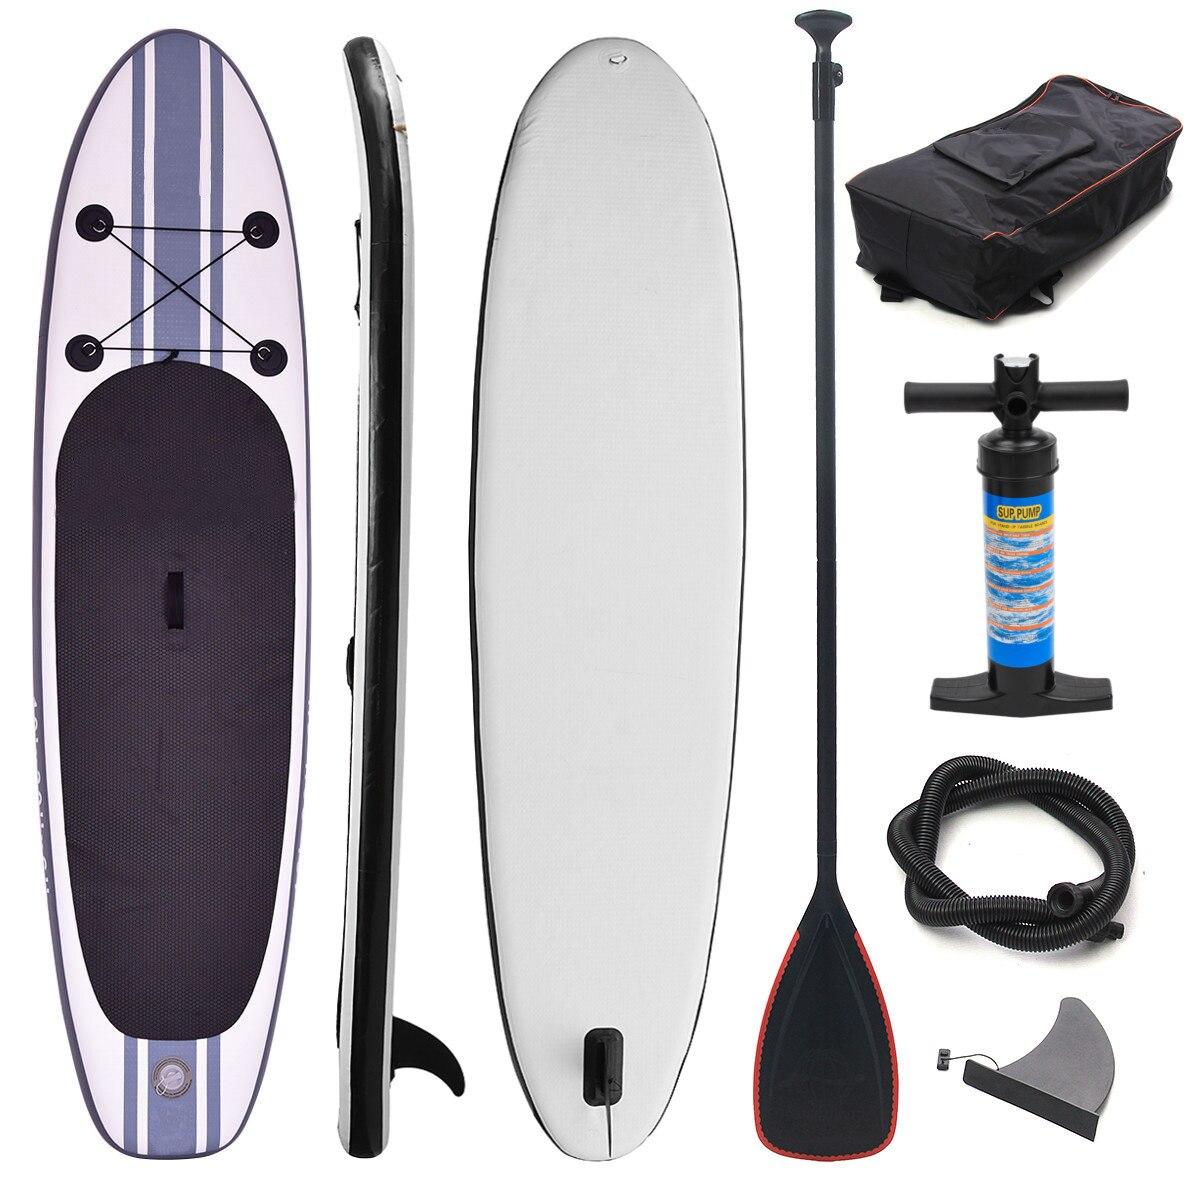 Gofun 335*76*15 cm stand up paddle Planche De surf Gonflable Conseil SUP Ensemble Vague Coureurs + Pompe gonflable surf planche de paddle bateau - 2